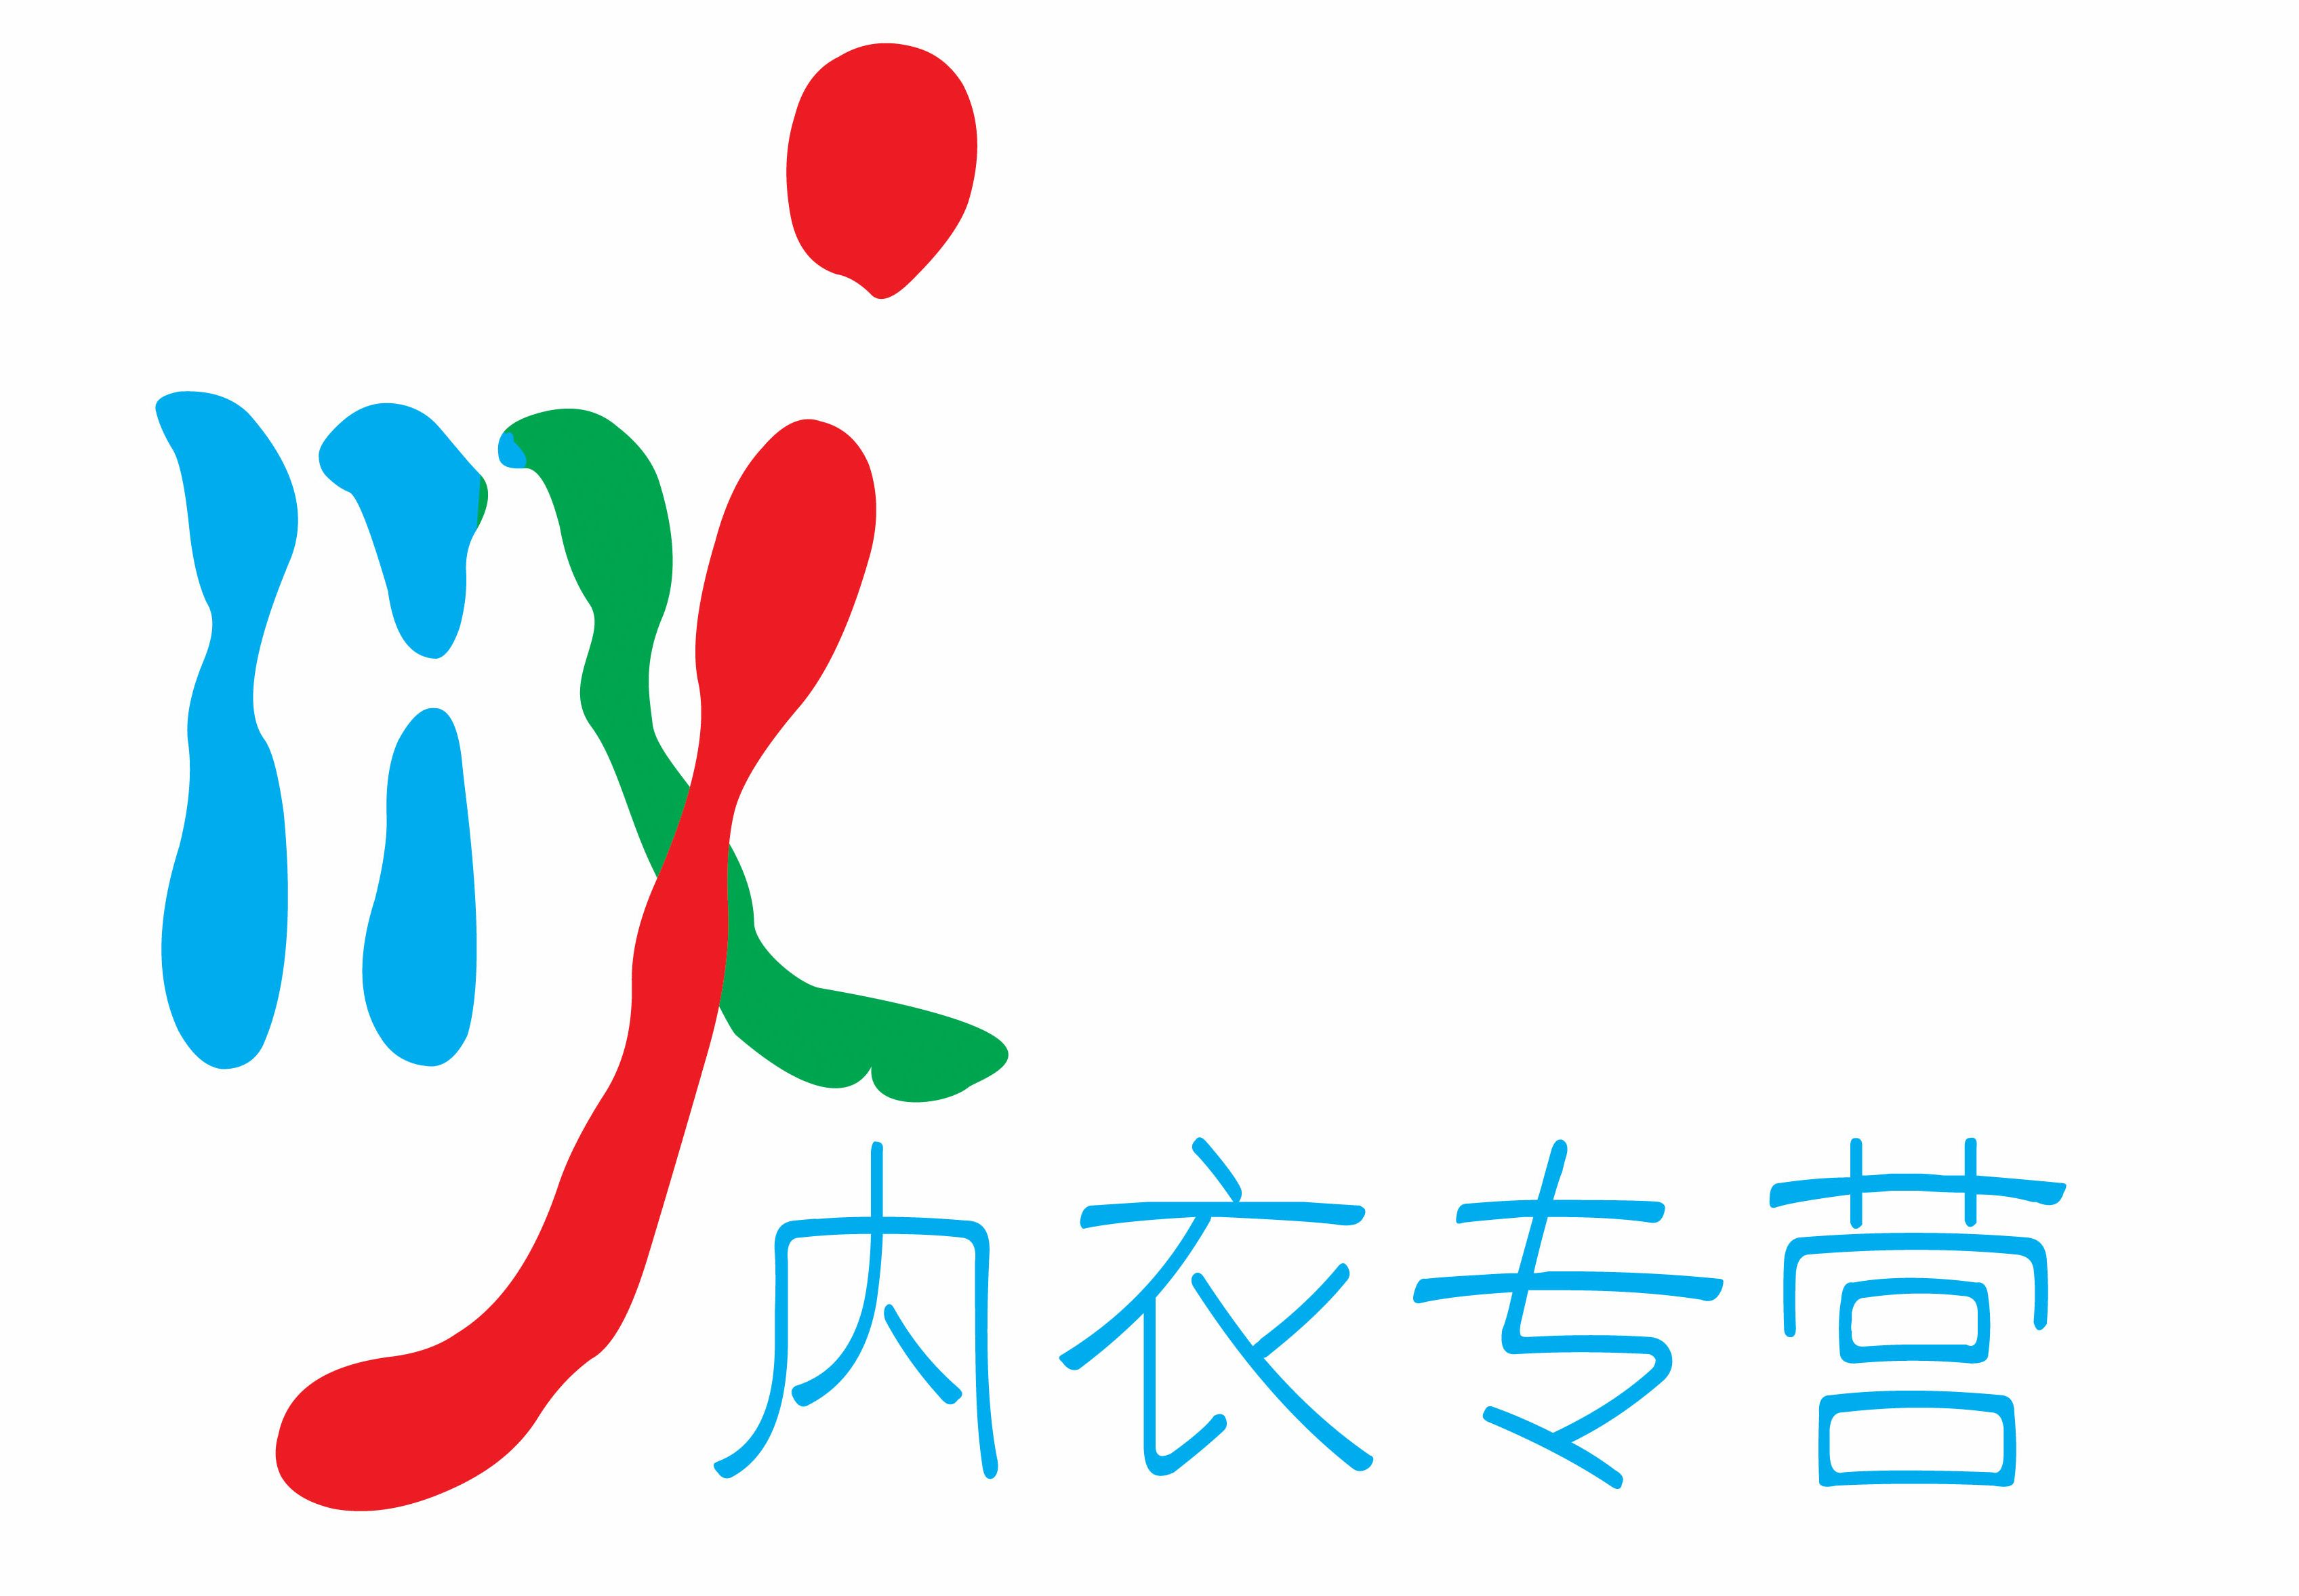 麦家商城,美加秀logo设计_2598346_k68威客网